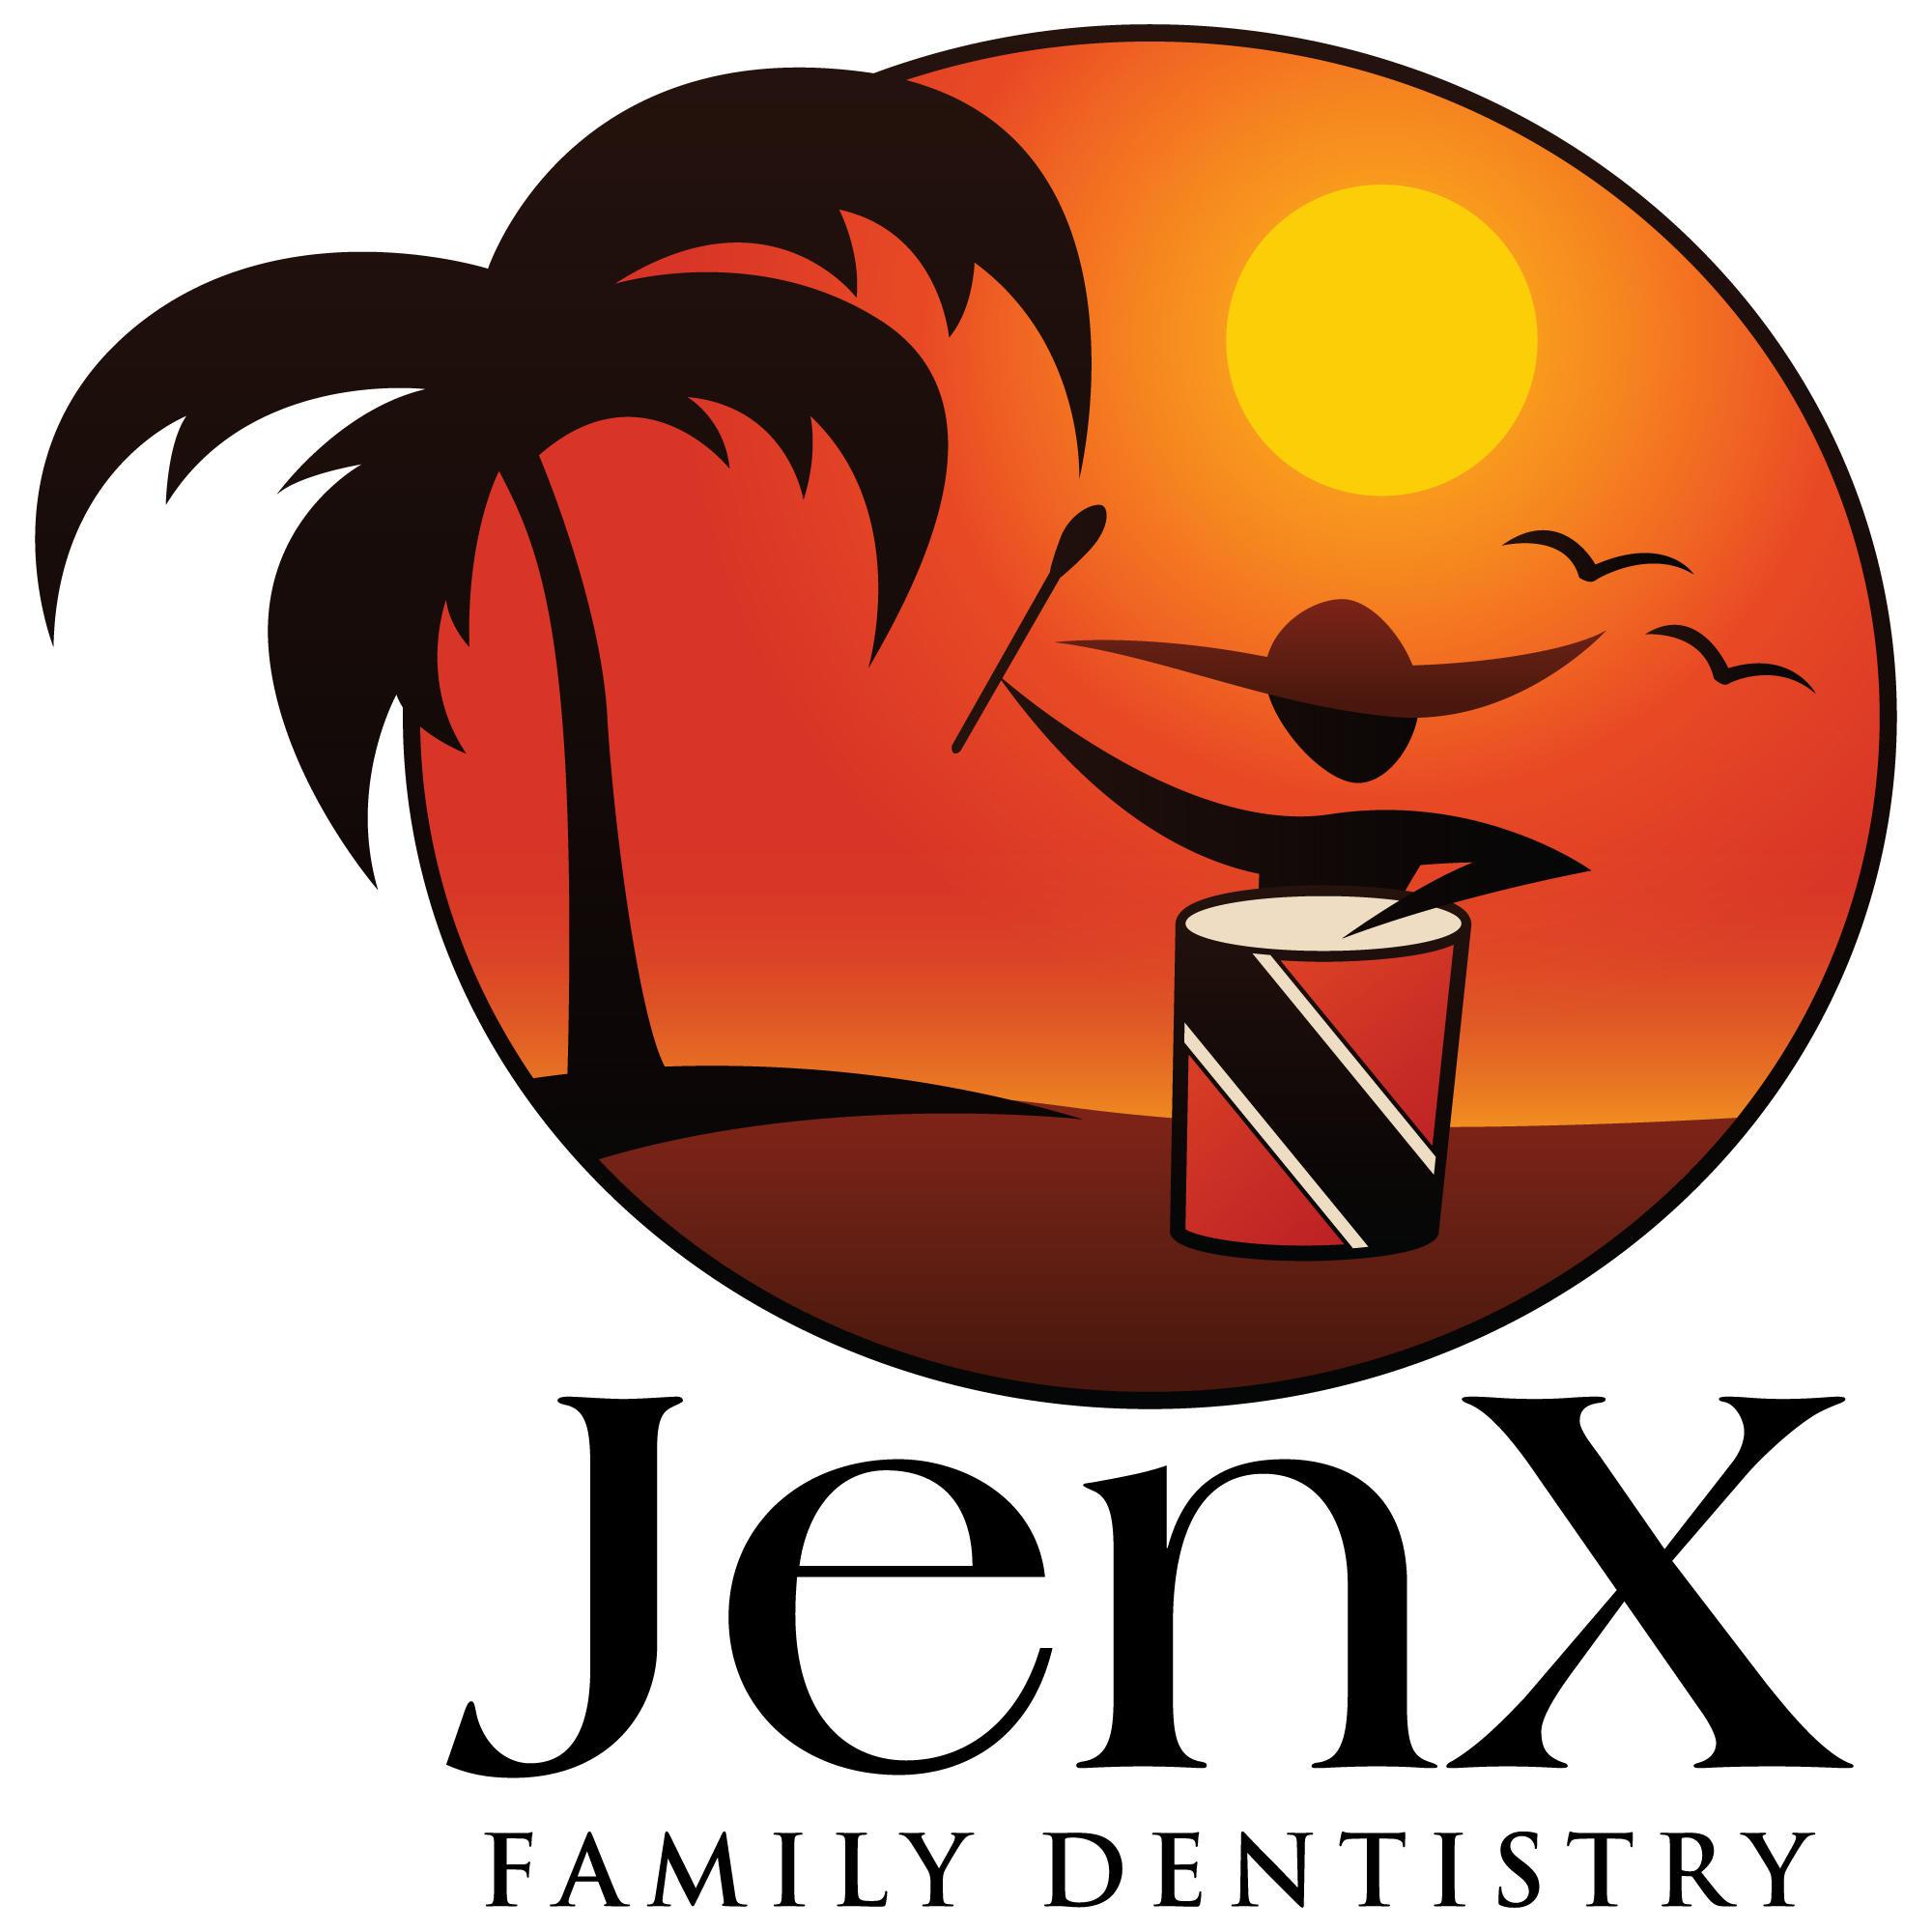 JenX Family Dentistry